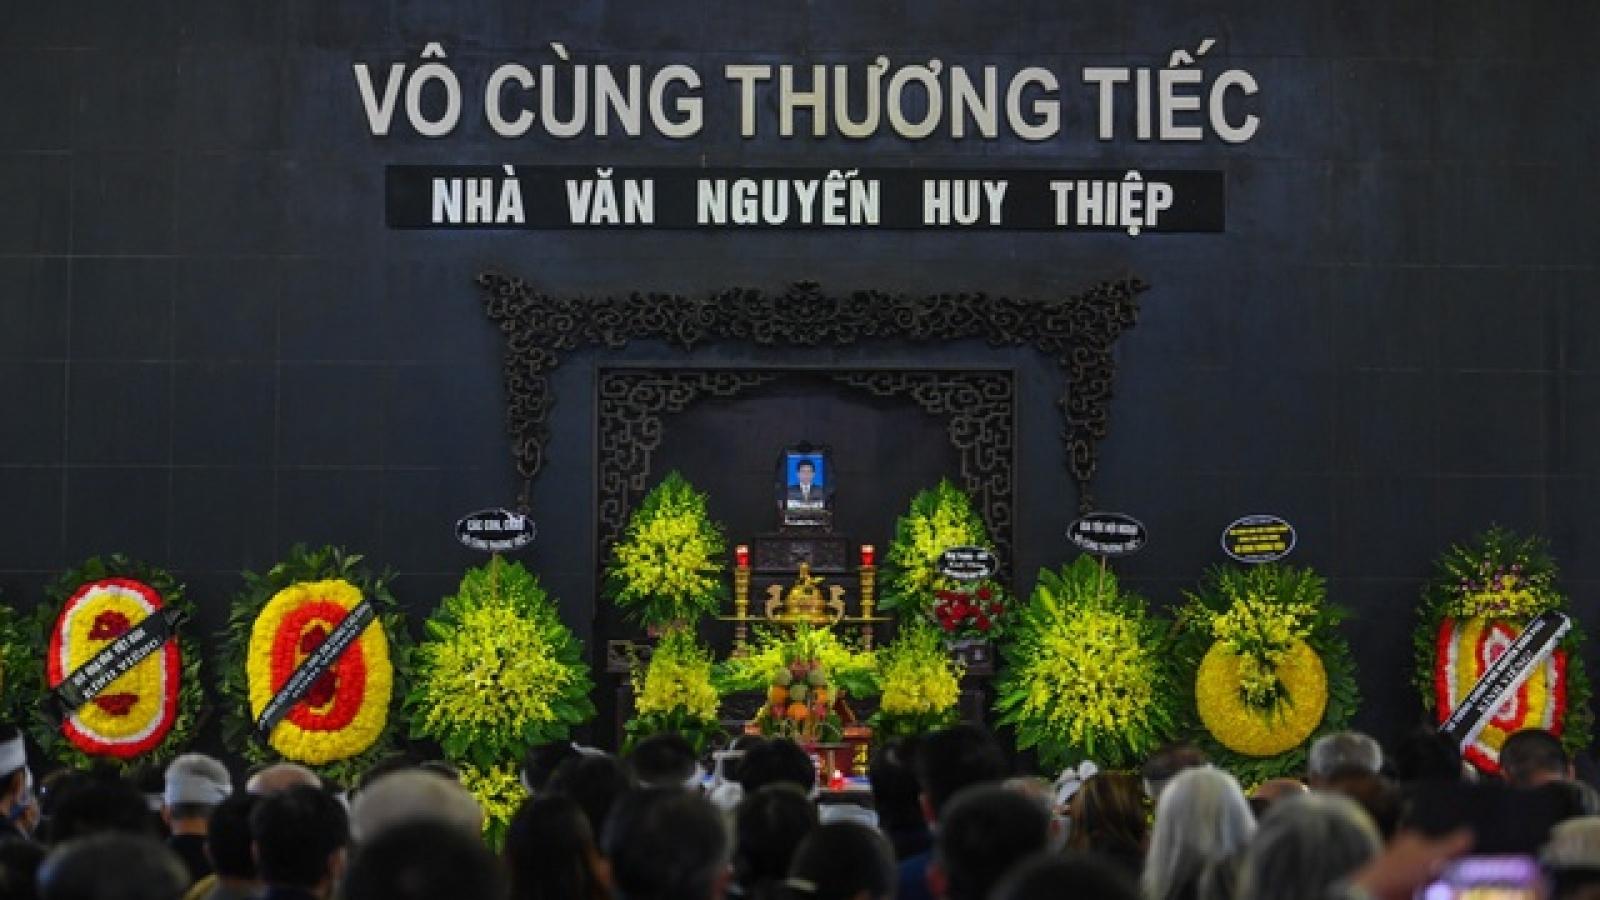 Đông đảo văn nghệ sĩ tiễn đưa nhà văn Nguyễn Huy Thiệp